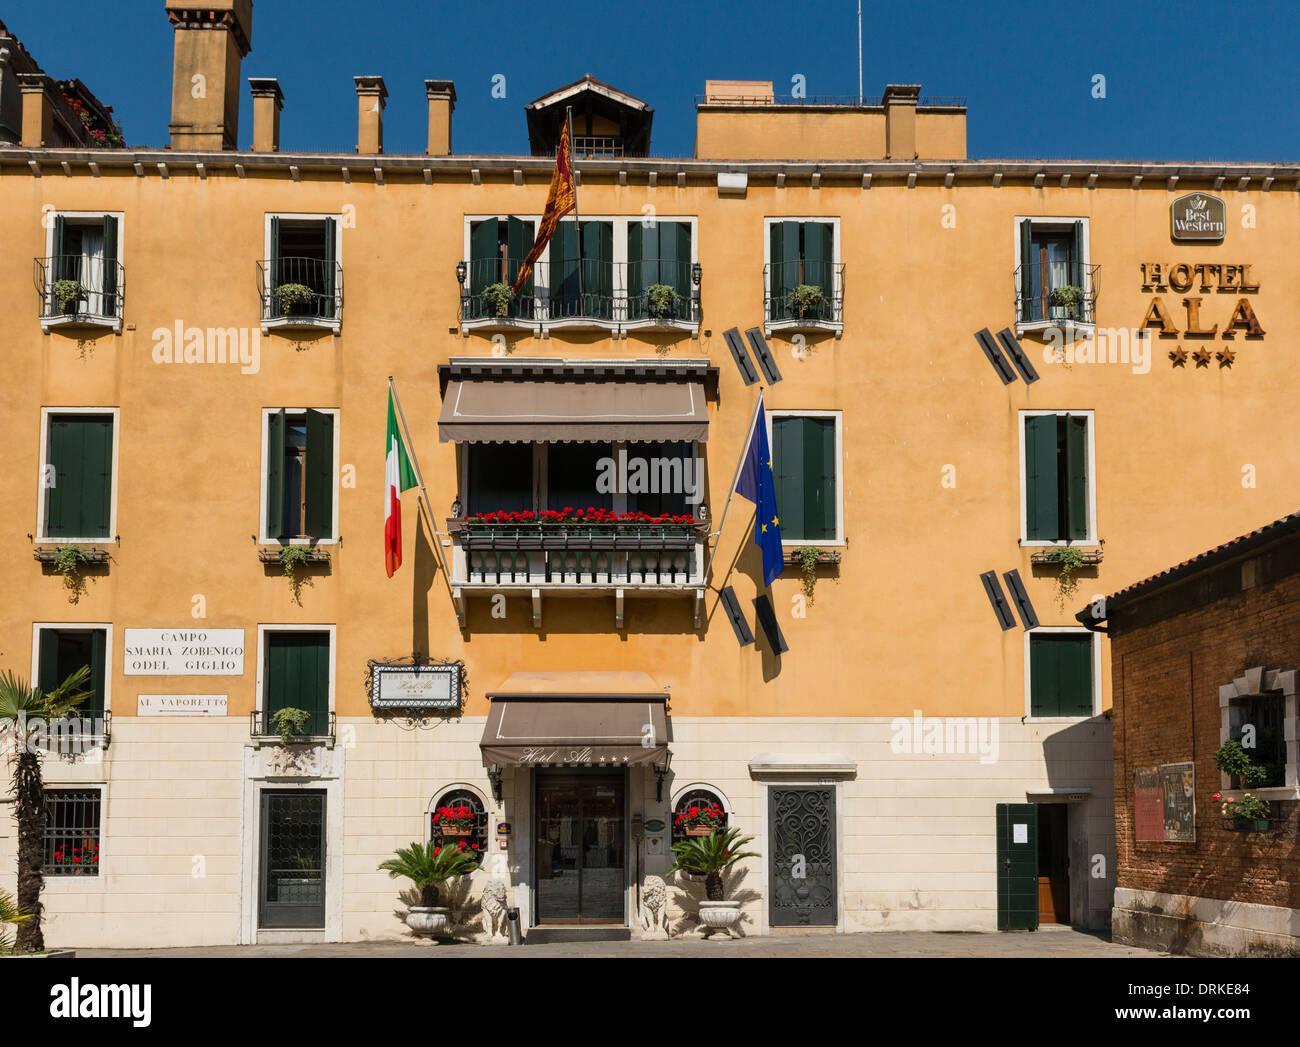 L'Hotel Ala, Venezia Immagini Stock